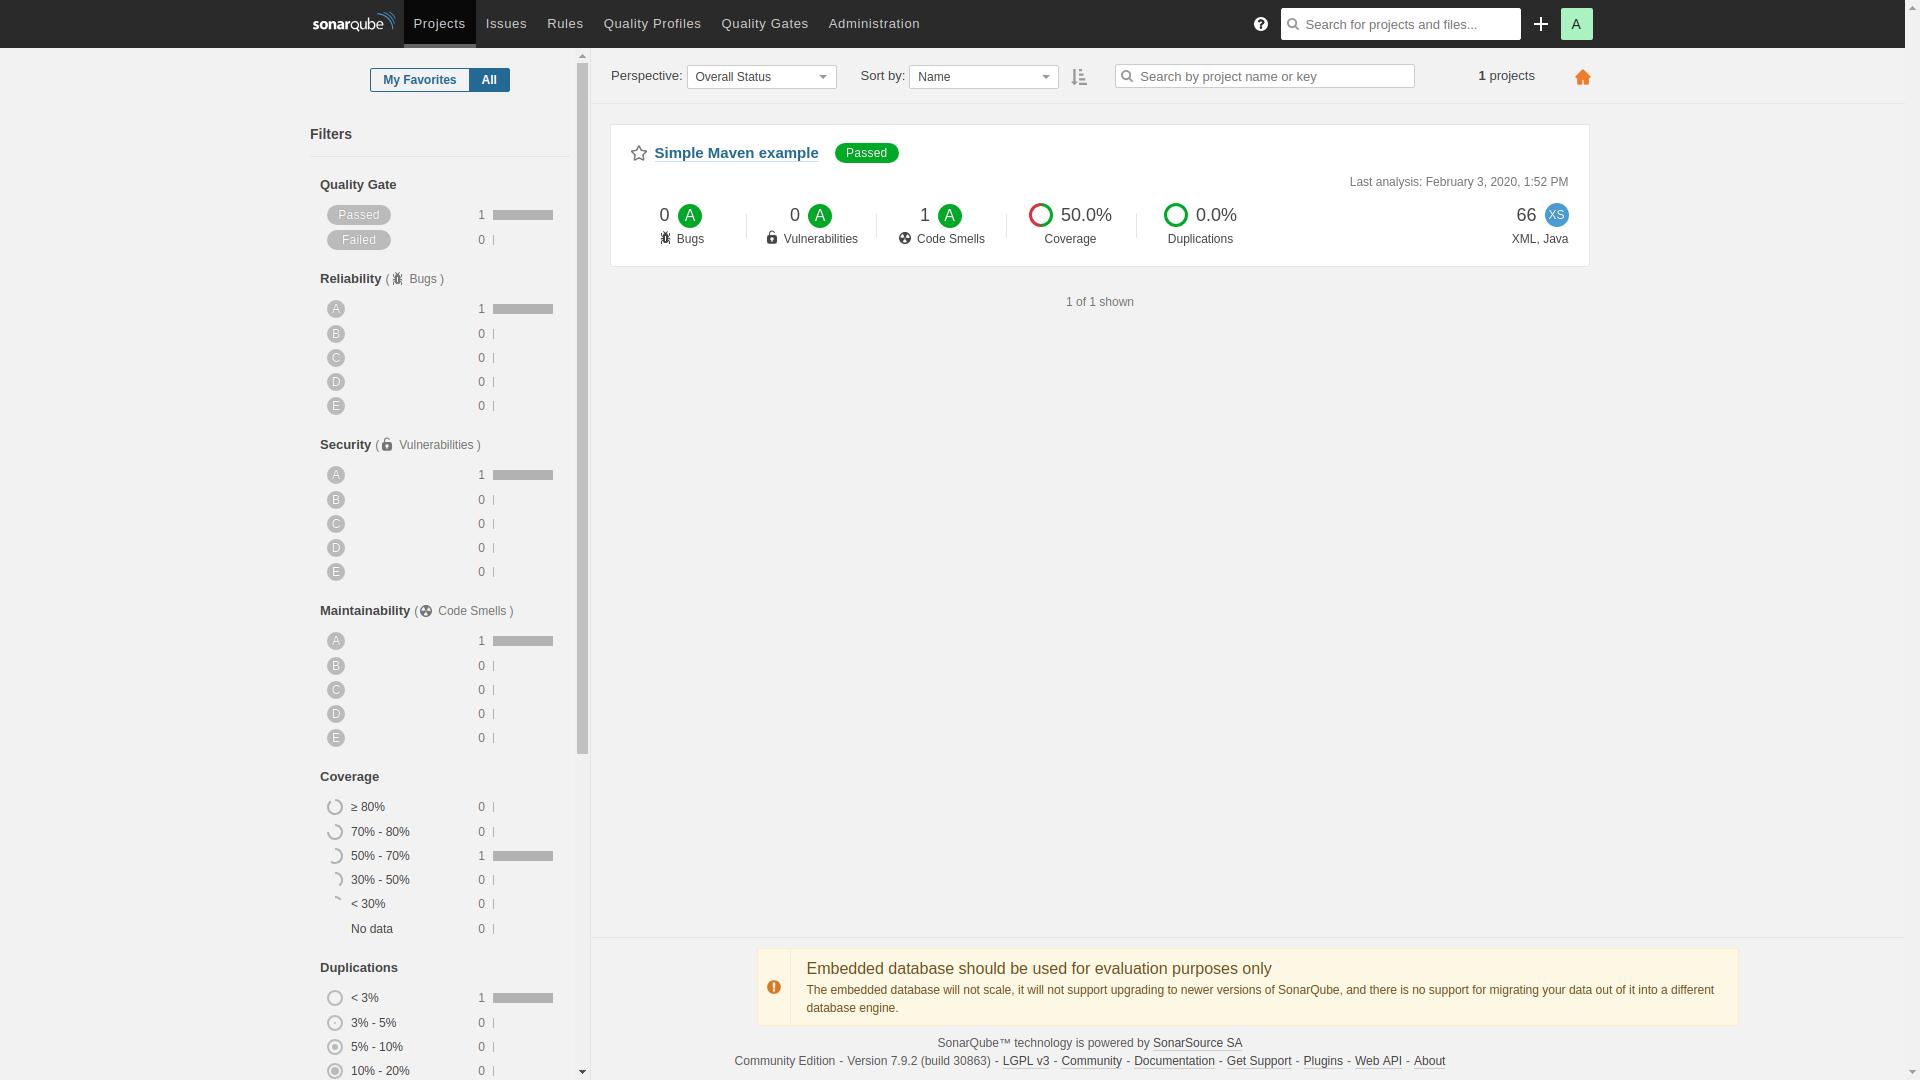 Отображение разработчикам статуса контроля качества исходного кода в SonarQube - 5